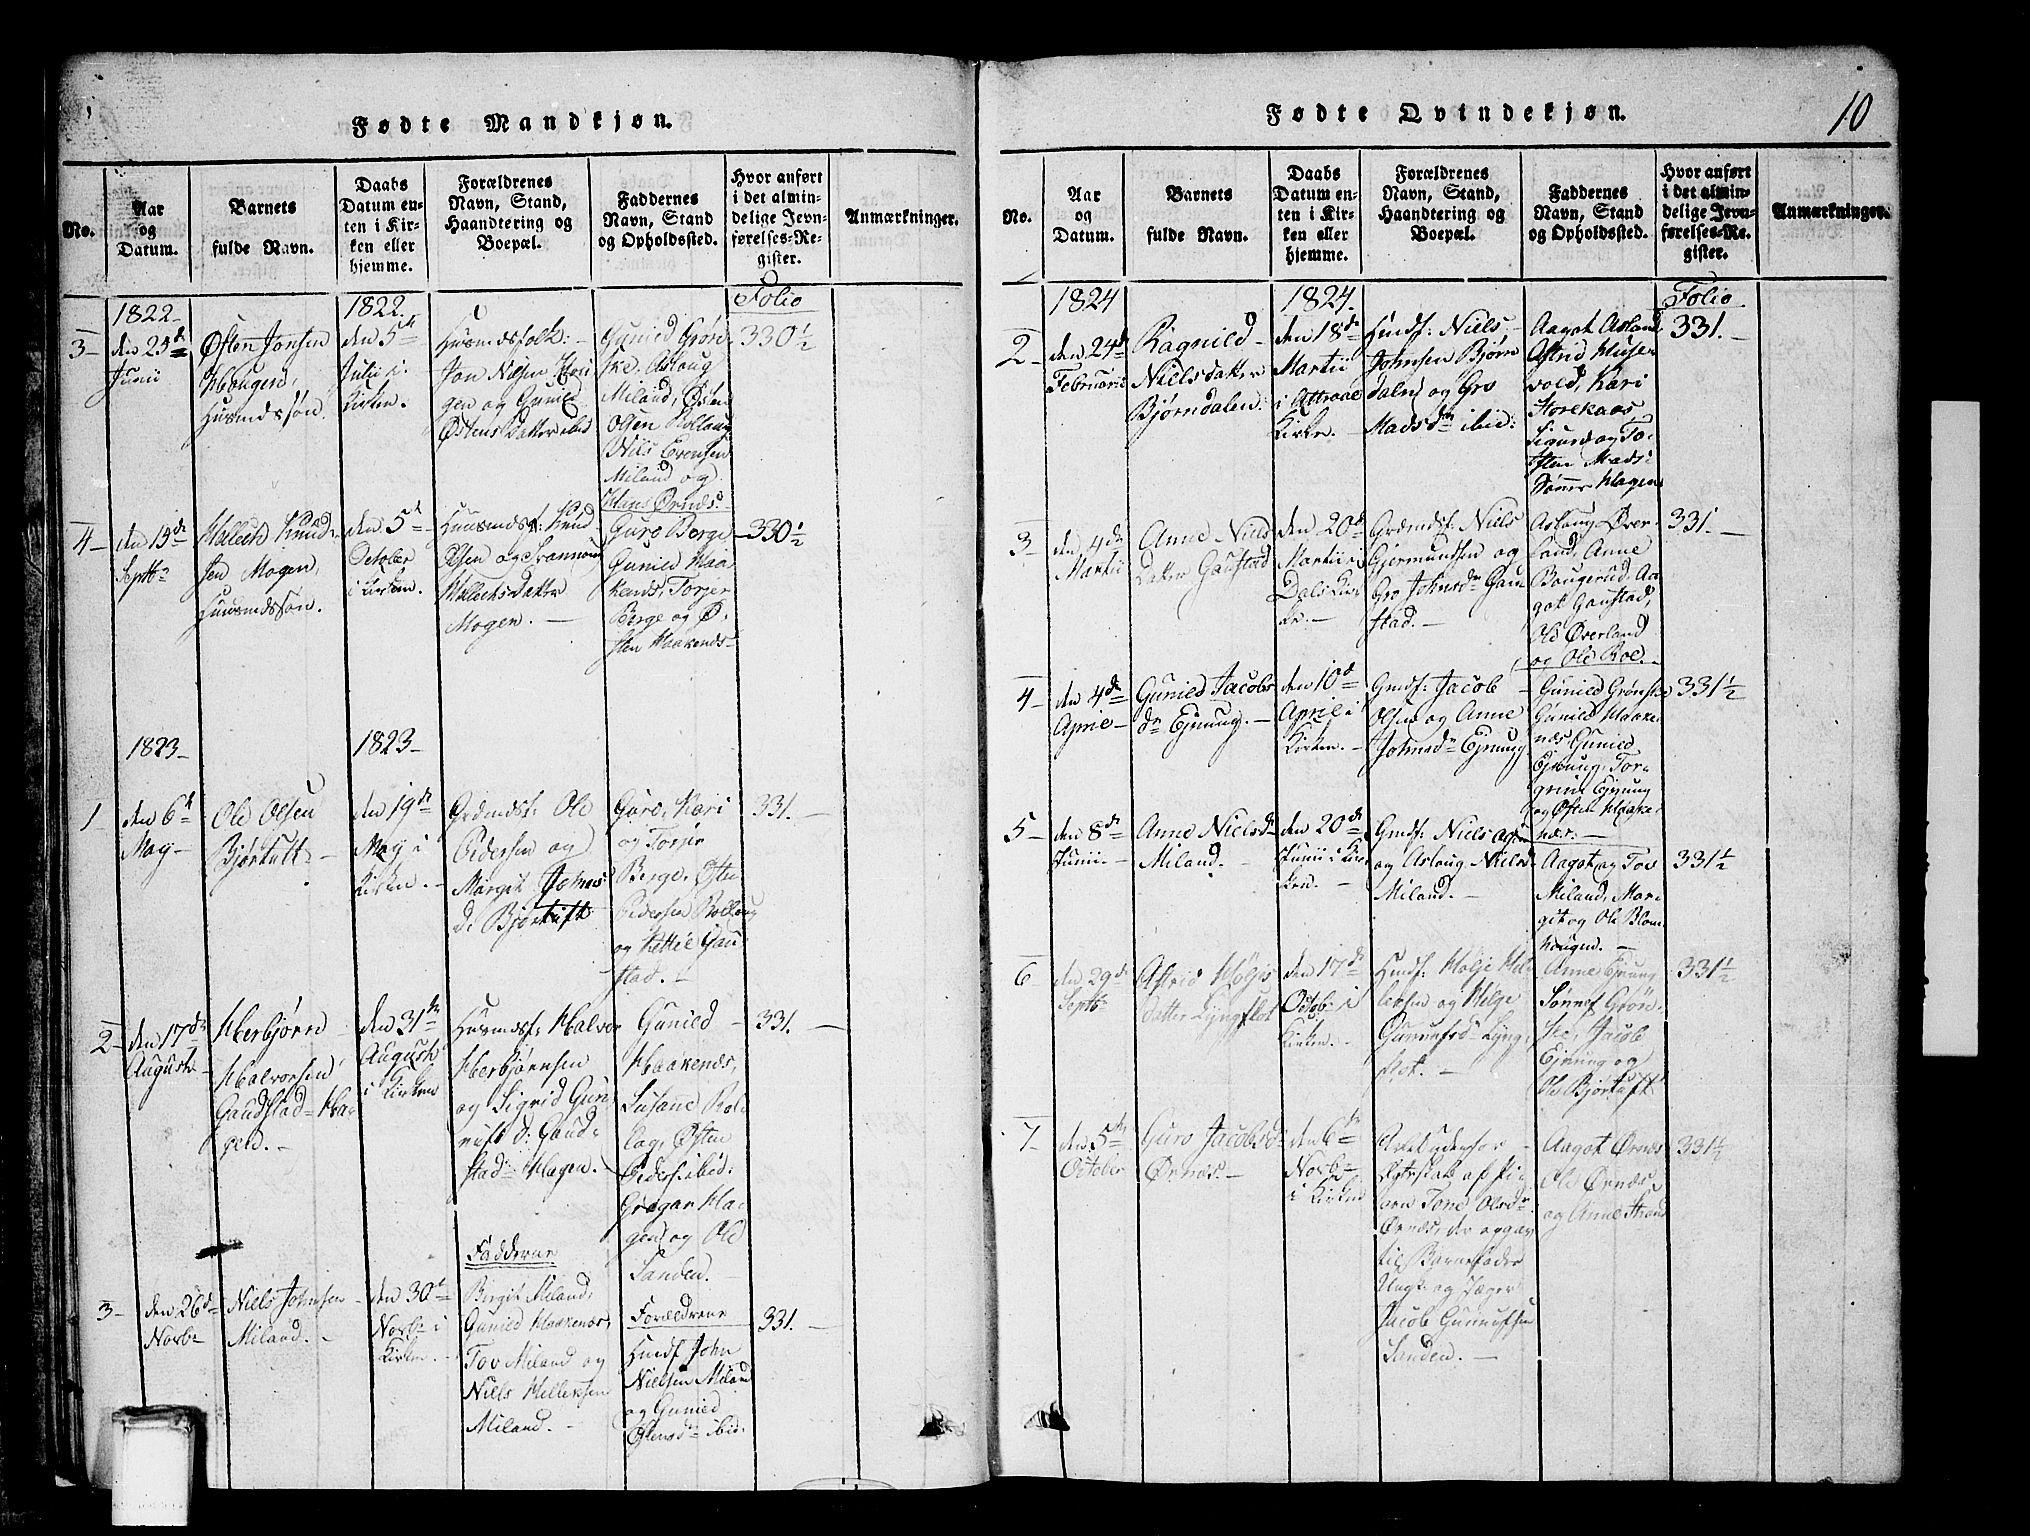 SAKO, Tinn kirkebøker, G/Gb/L0001: Klokkerbok nr. II 1 /1, 1815-1850, s. 10